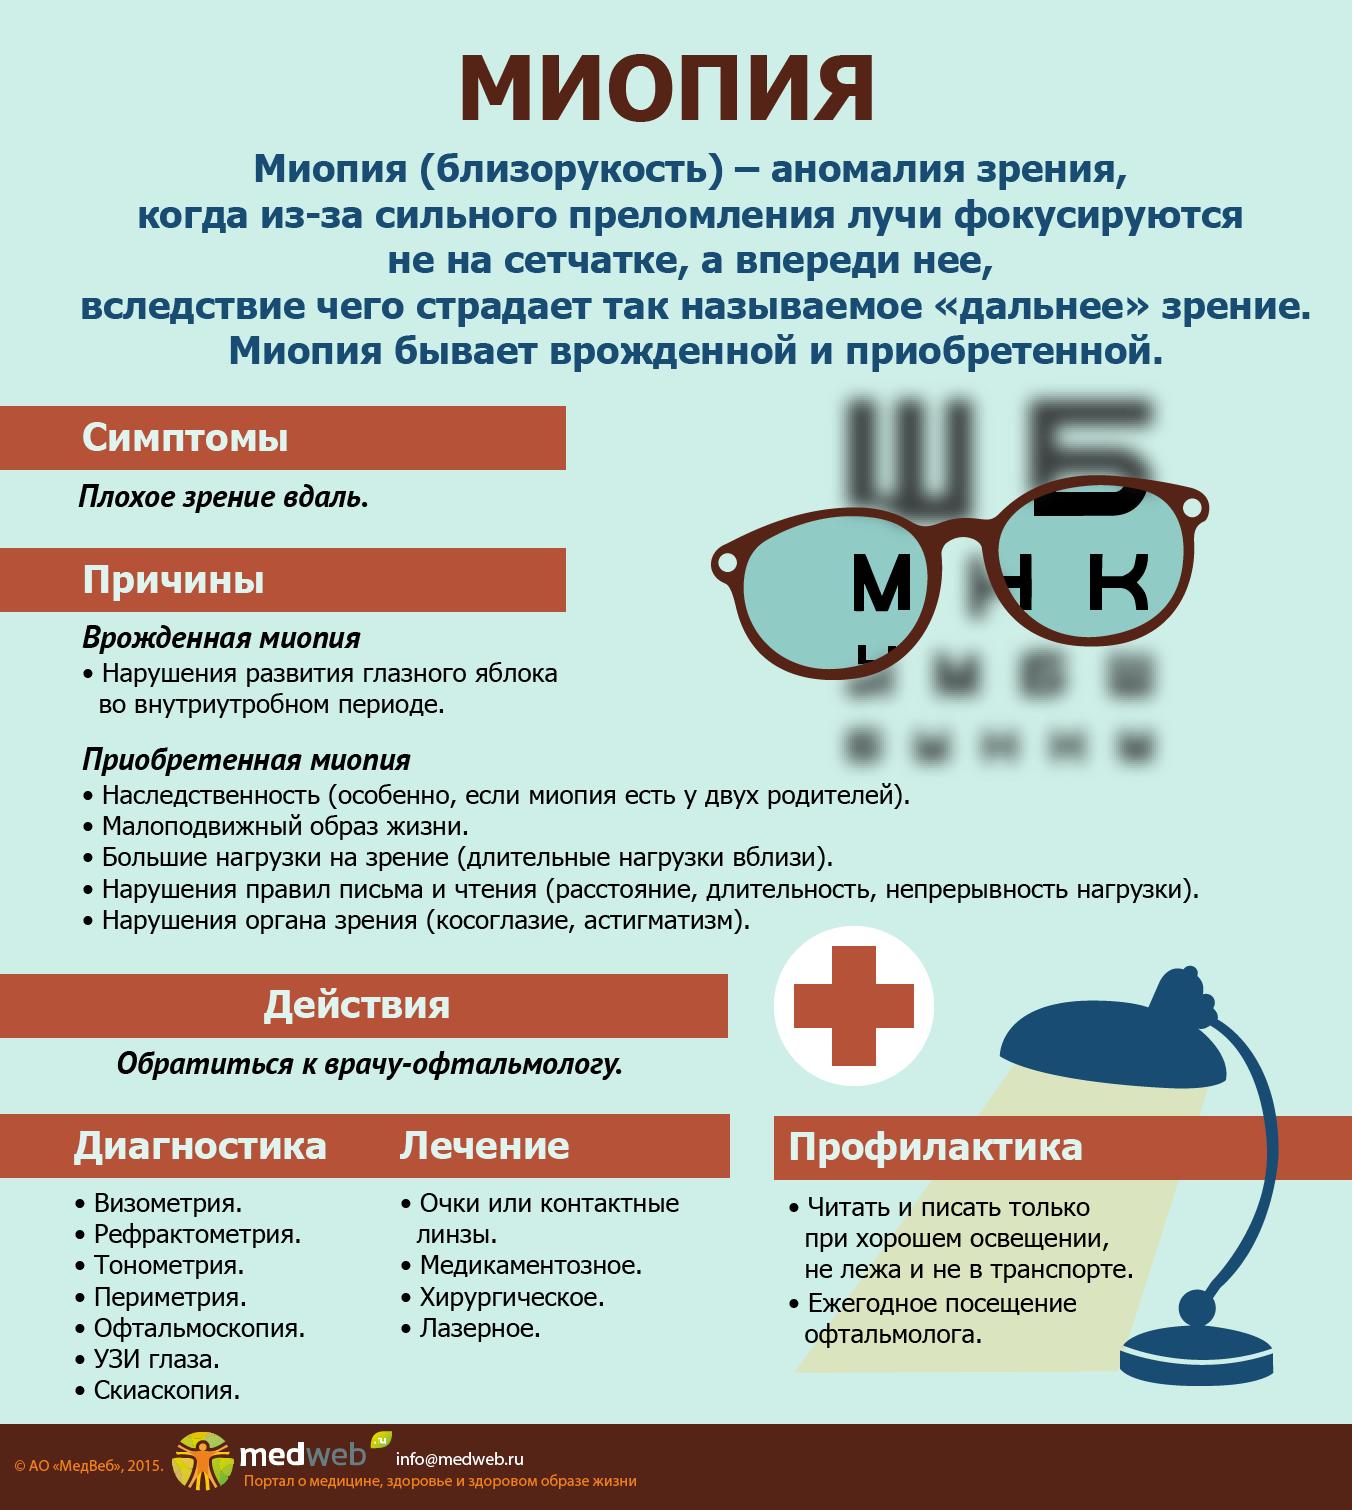 Миопия слабой степени: что такое 1 степень близорукости, значение ou заболевания в диагнозе, как вылечить патологию на начальной стадии